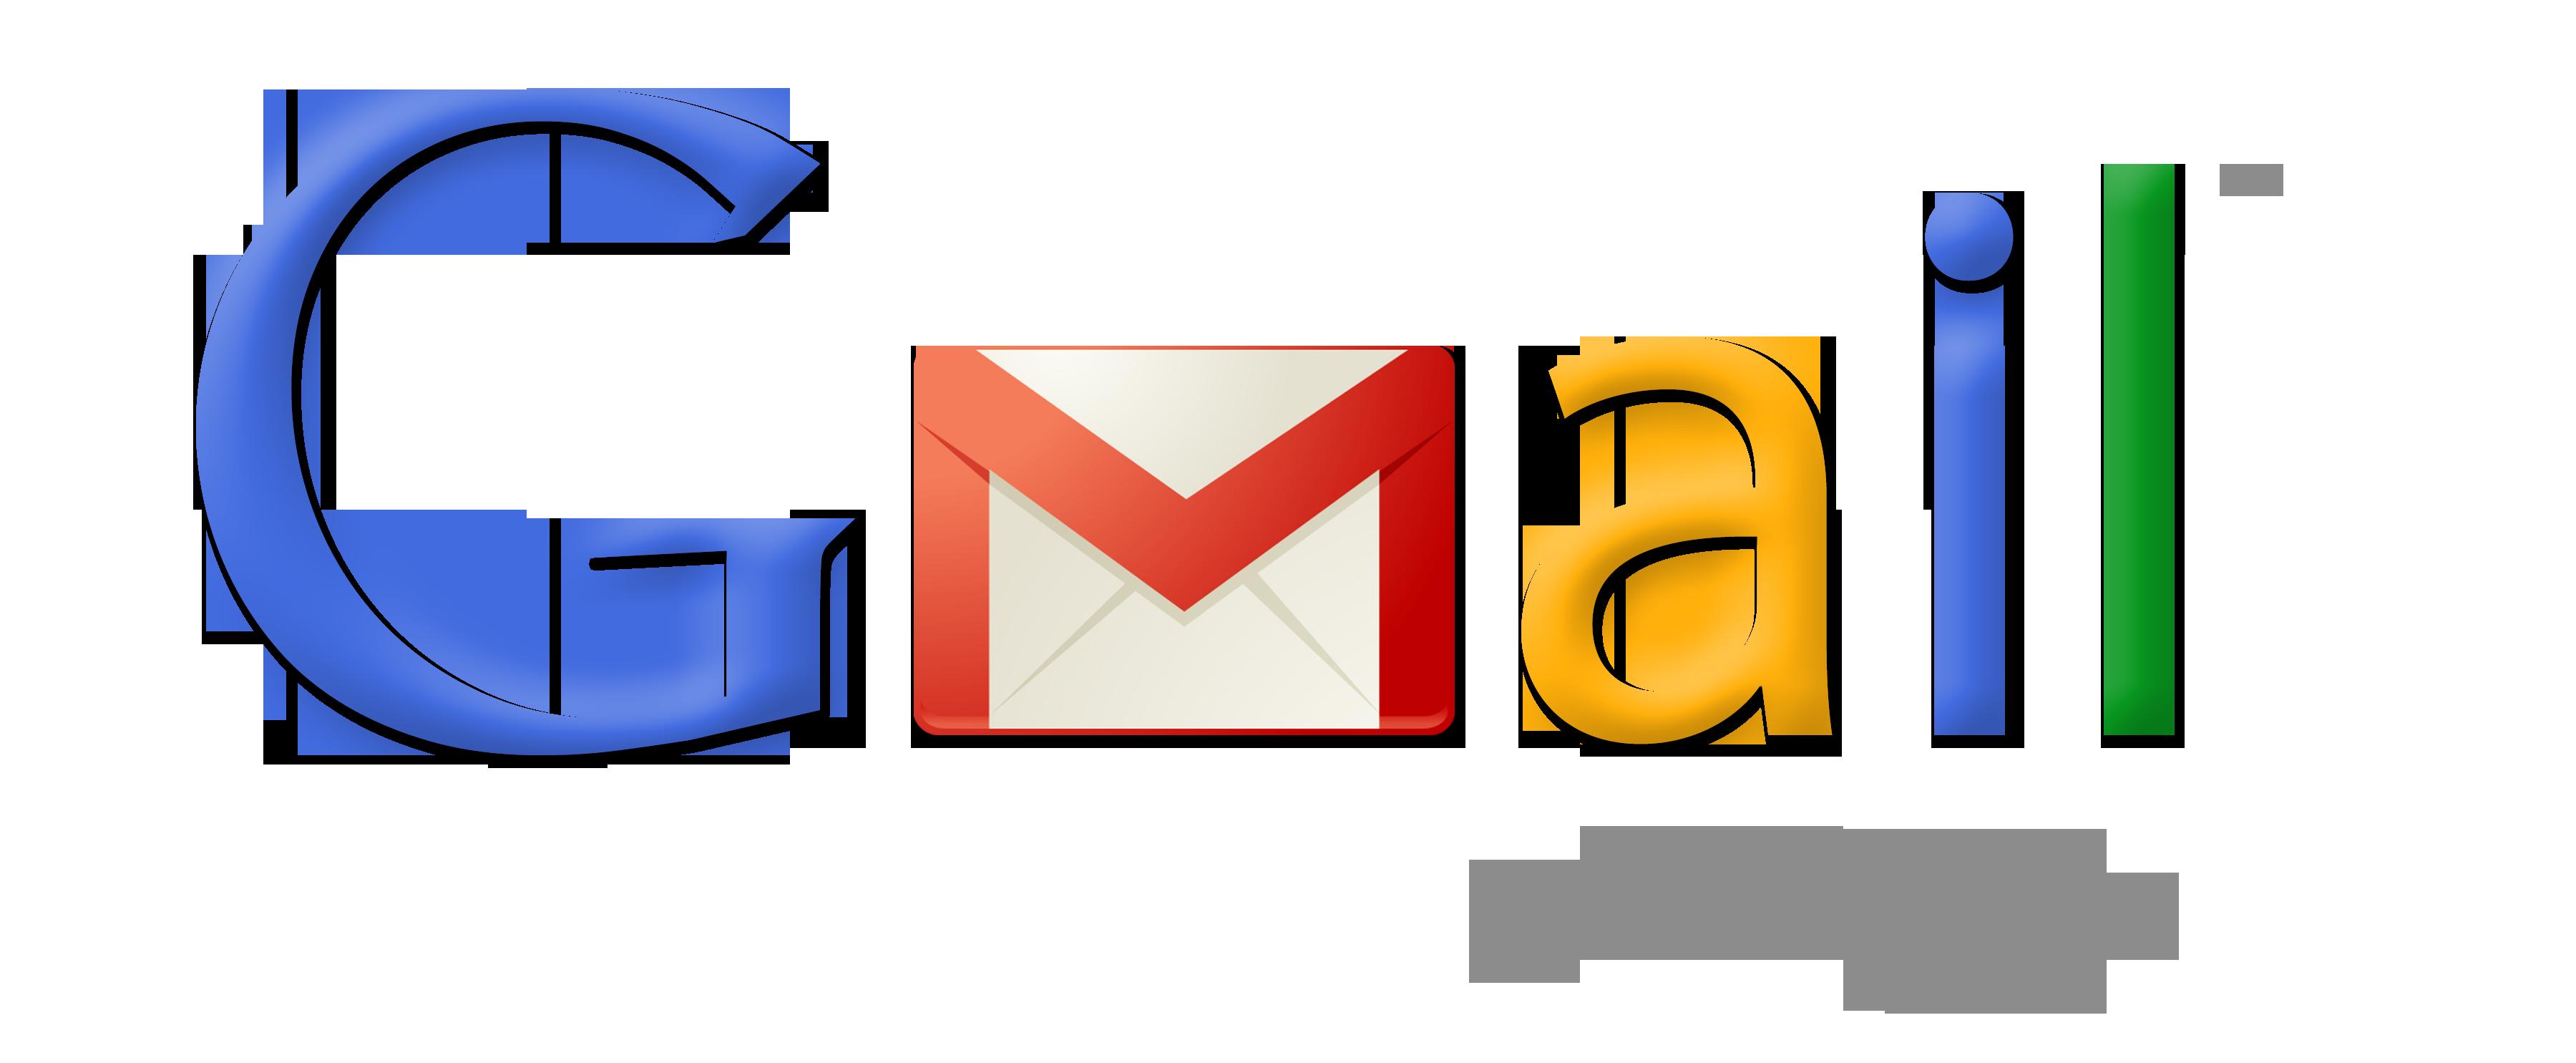 Risultati immagini per gmail logo